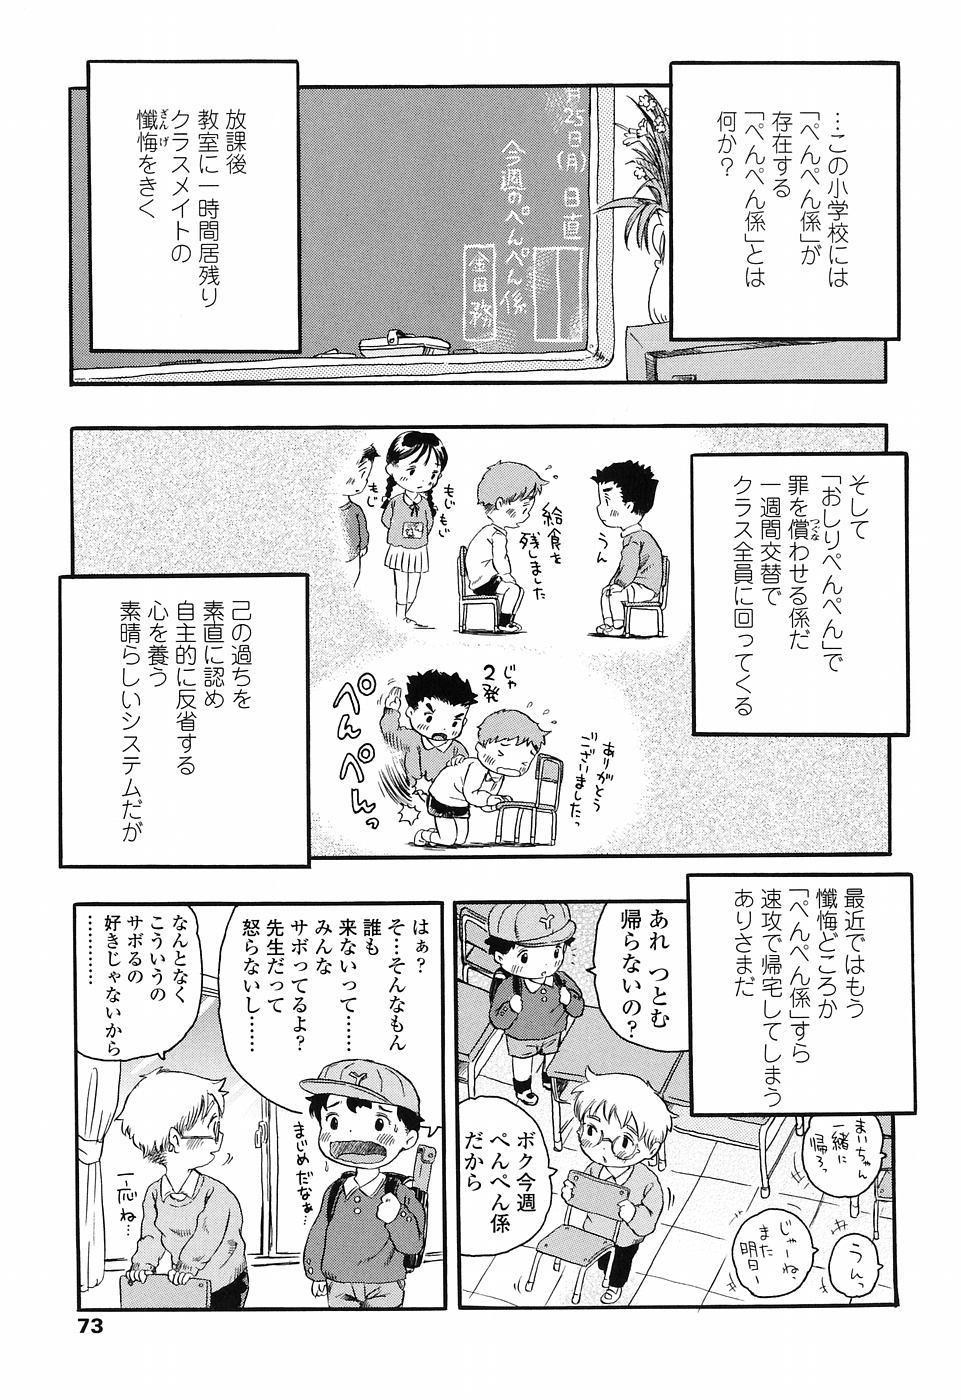 Koisuru Fukurami 74